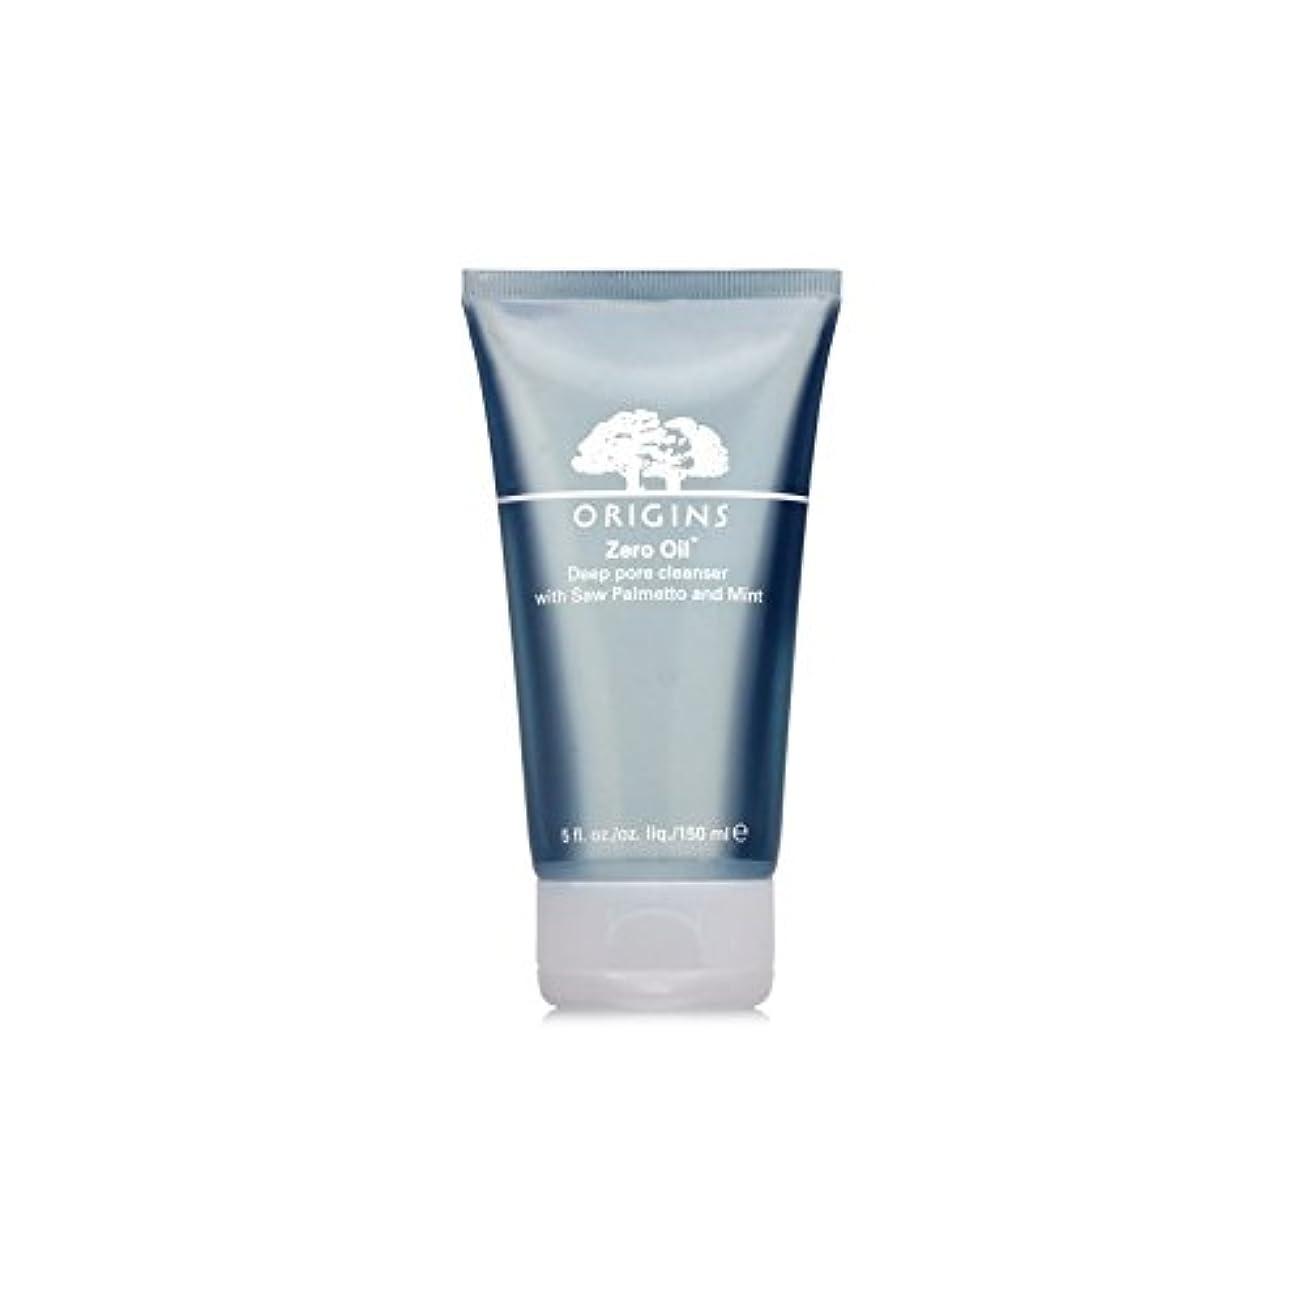 自動手紙を書く肉腫Origins Zero Oil Deep Pore Cleanser With Saw Palmetto & Mint 150ml (Pack of 6) - ノコギリヤシ&ミント150ミリリットルとの起源ゼロ油深いポアクレンザー...